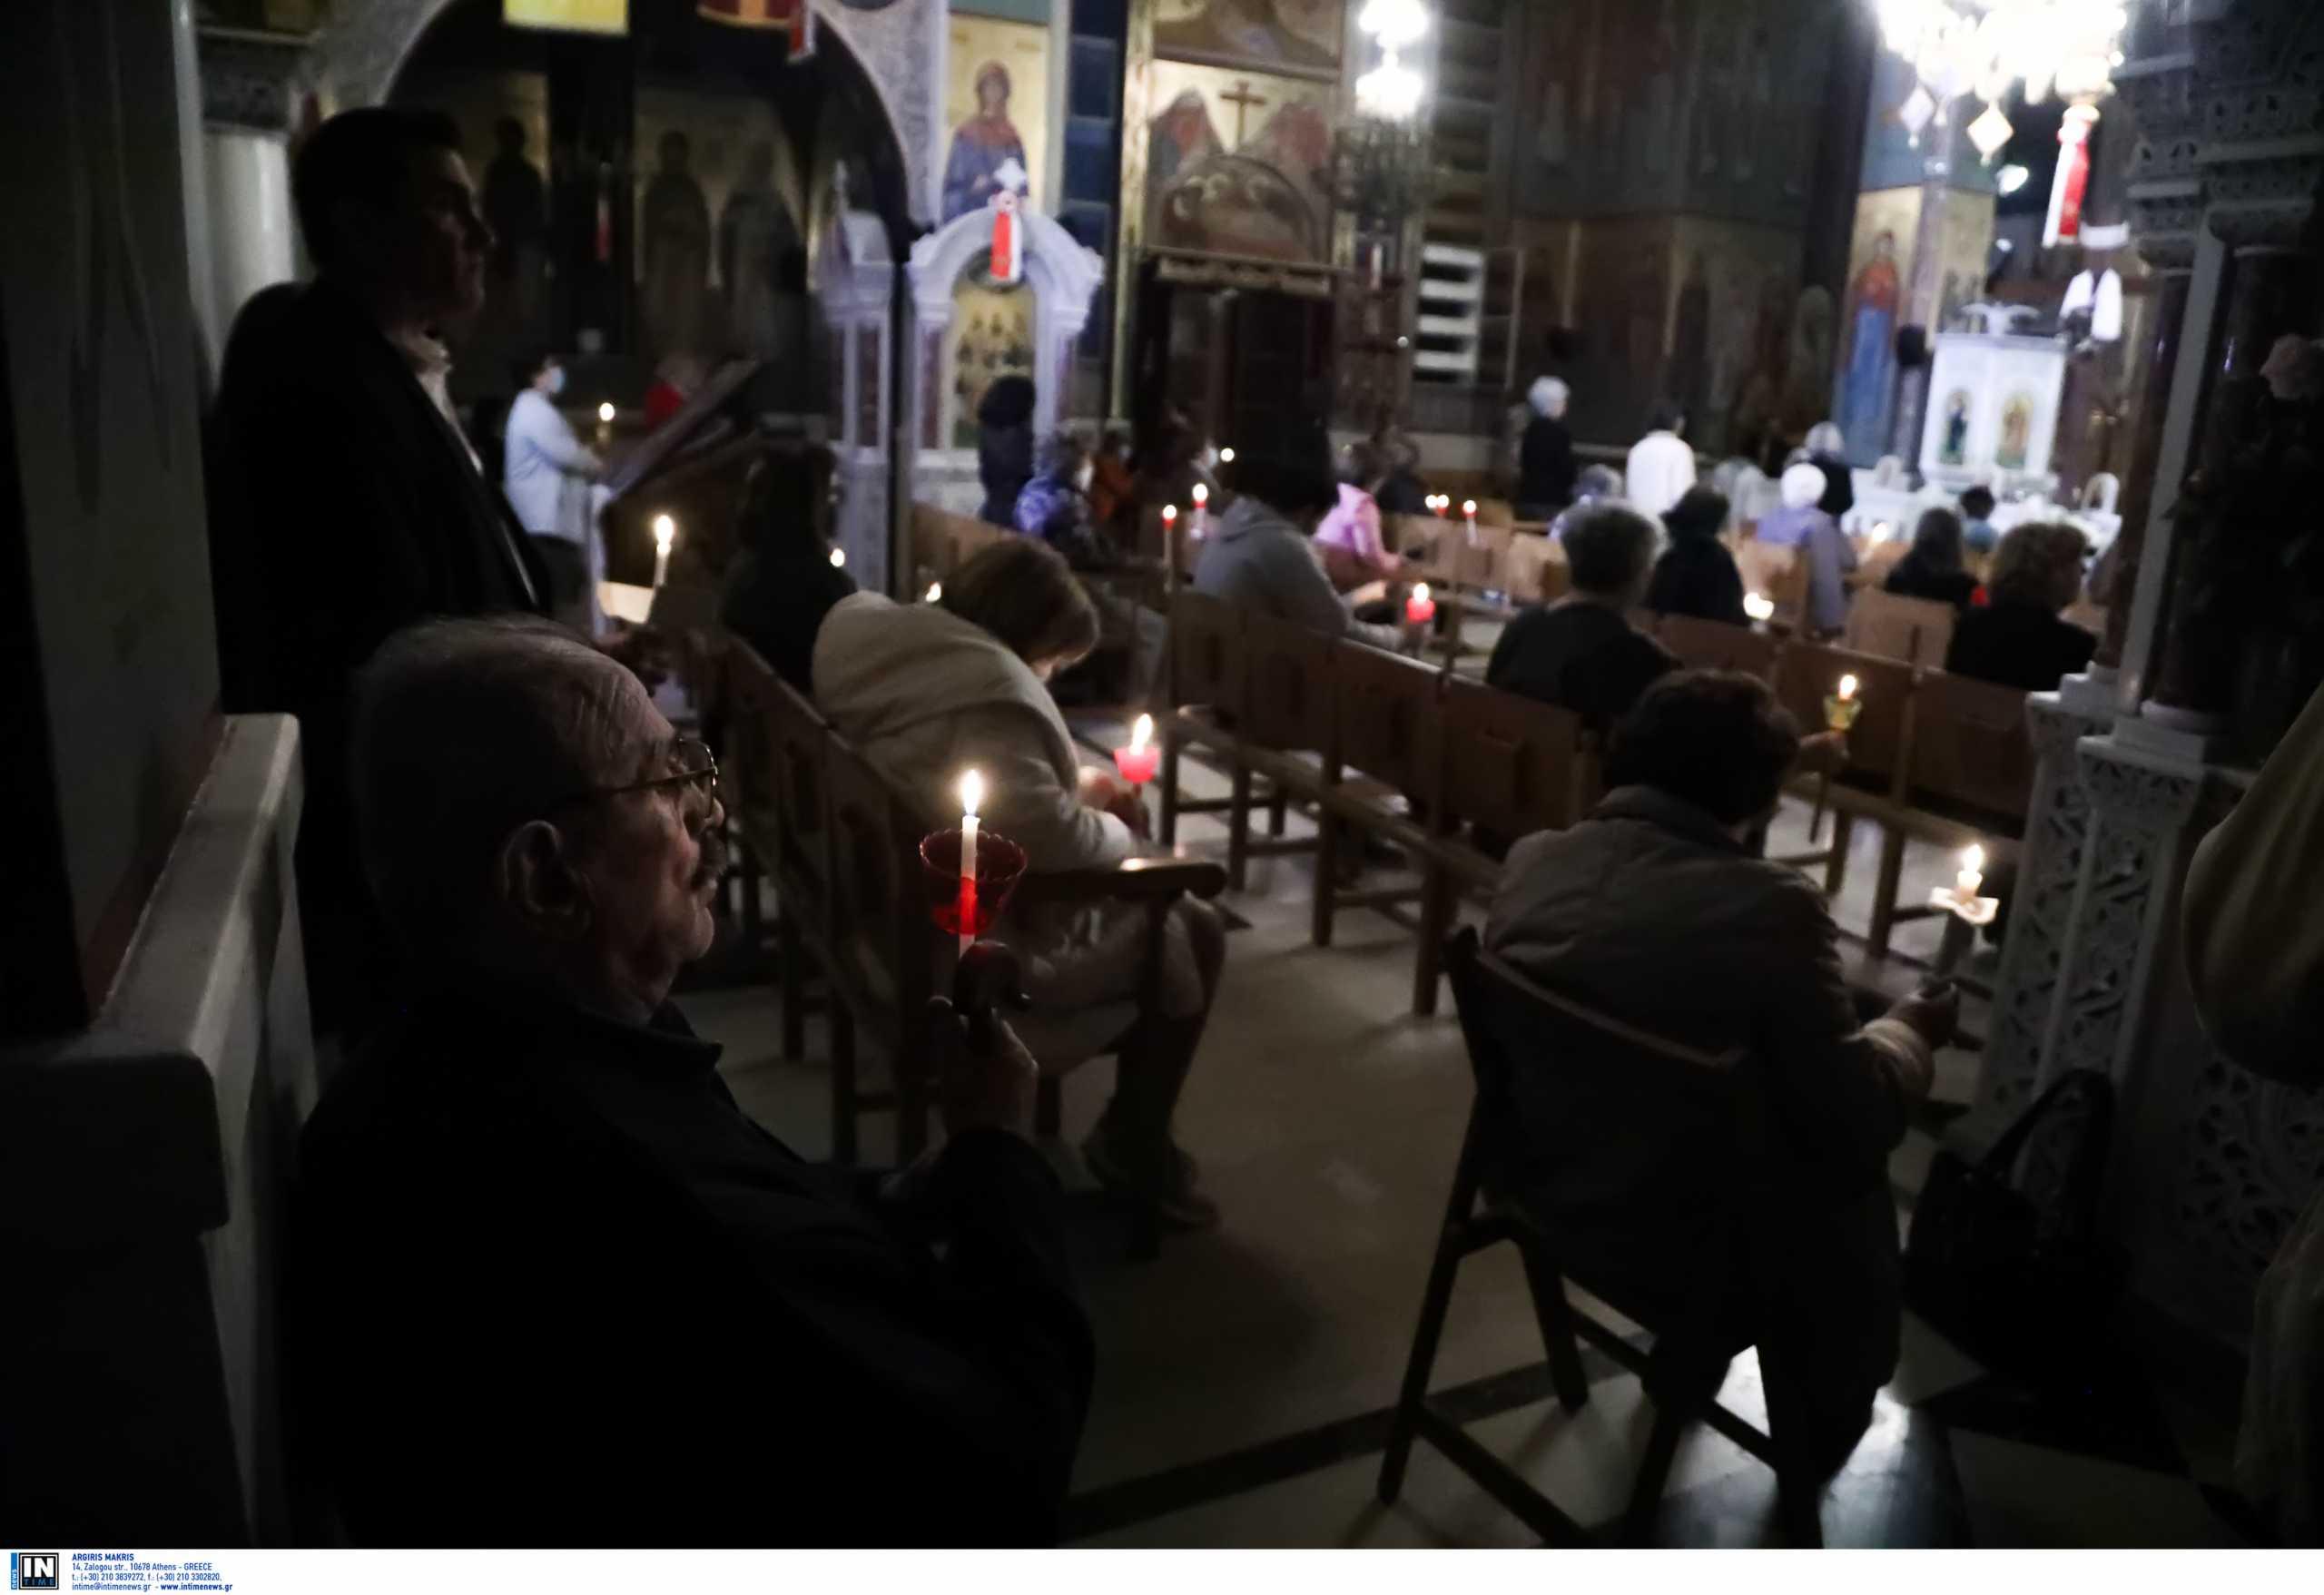 Έτσι θα κάνουμε Πάσχα – Μέρα – μέρα οι προτάσεις της Ιεράς Συνόδου